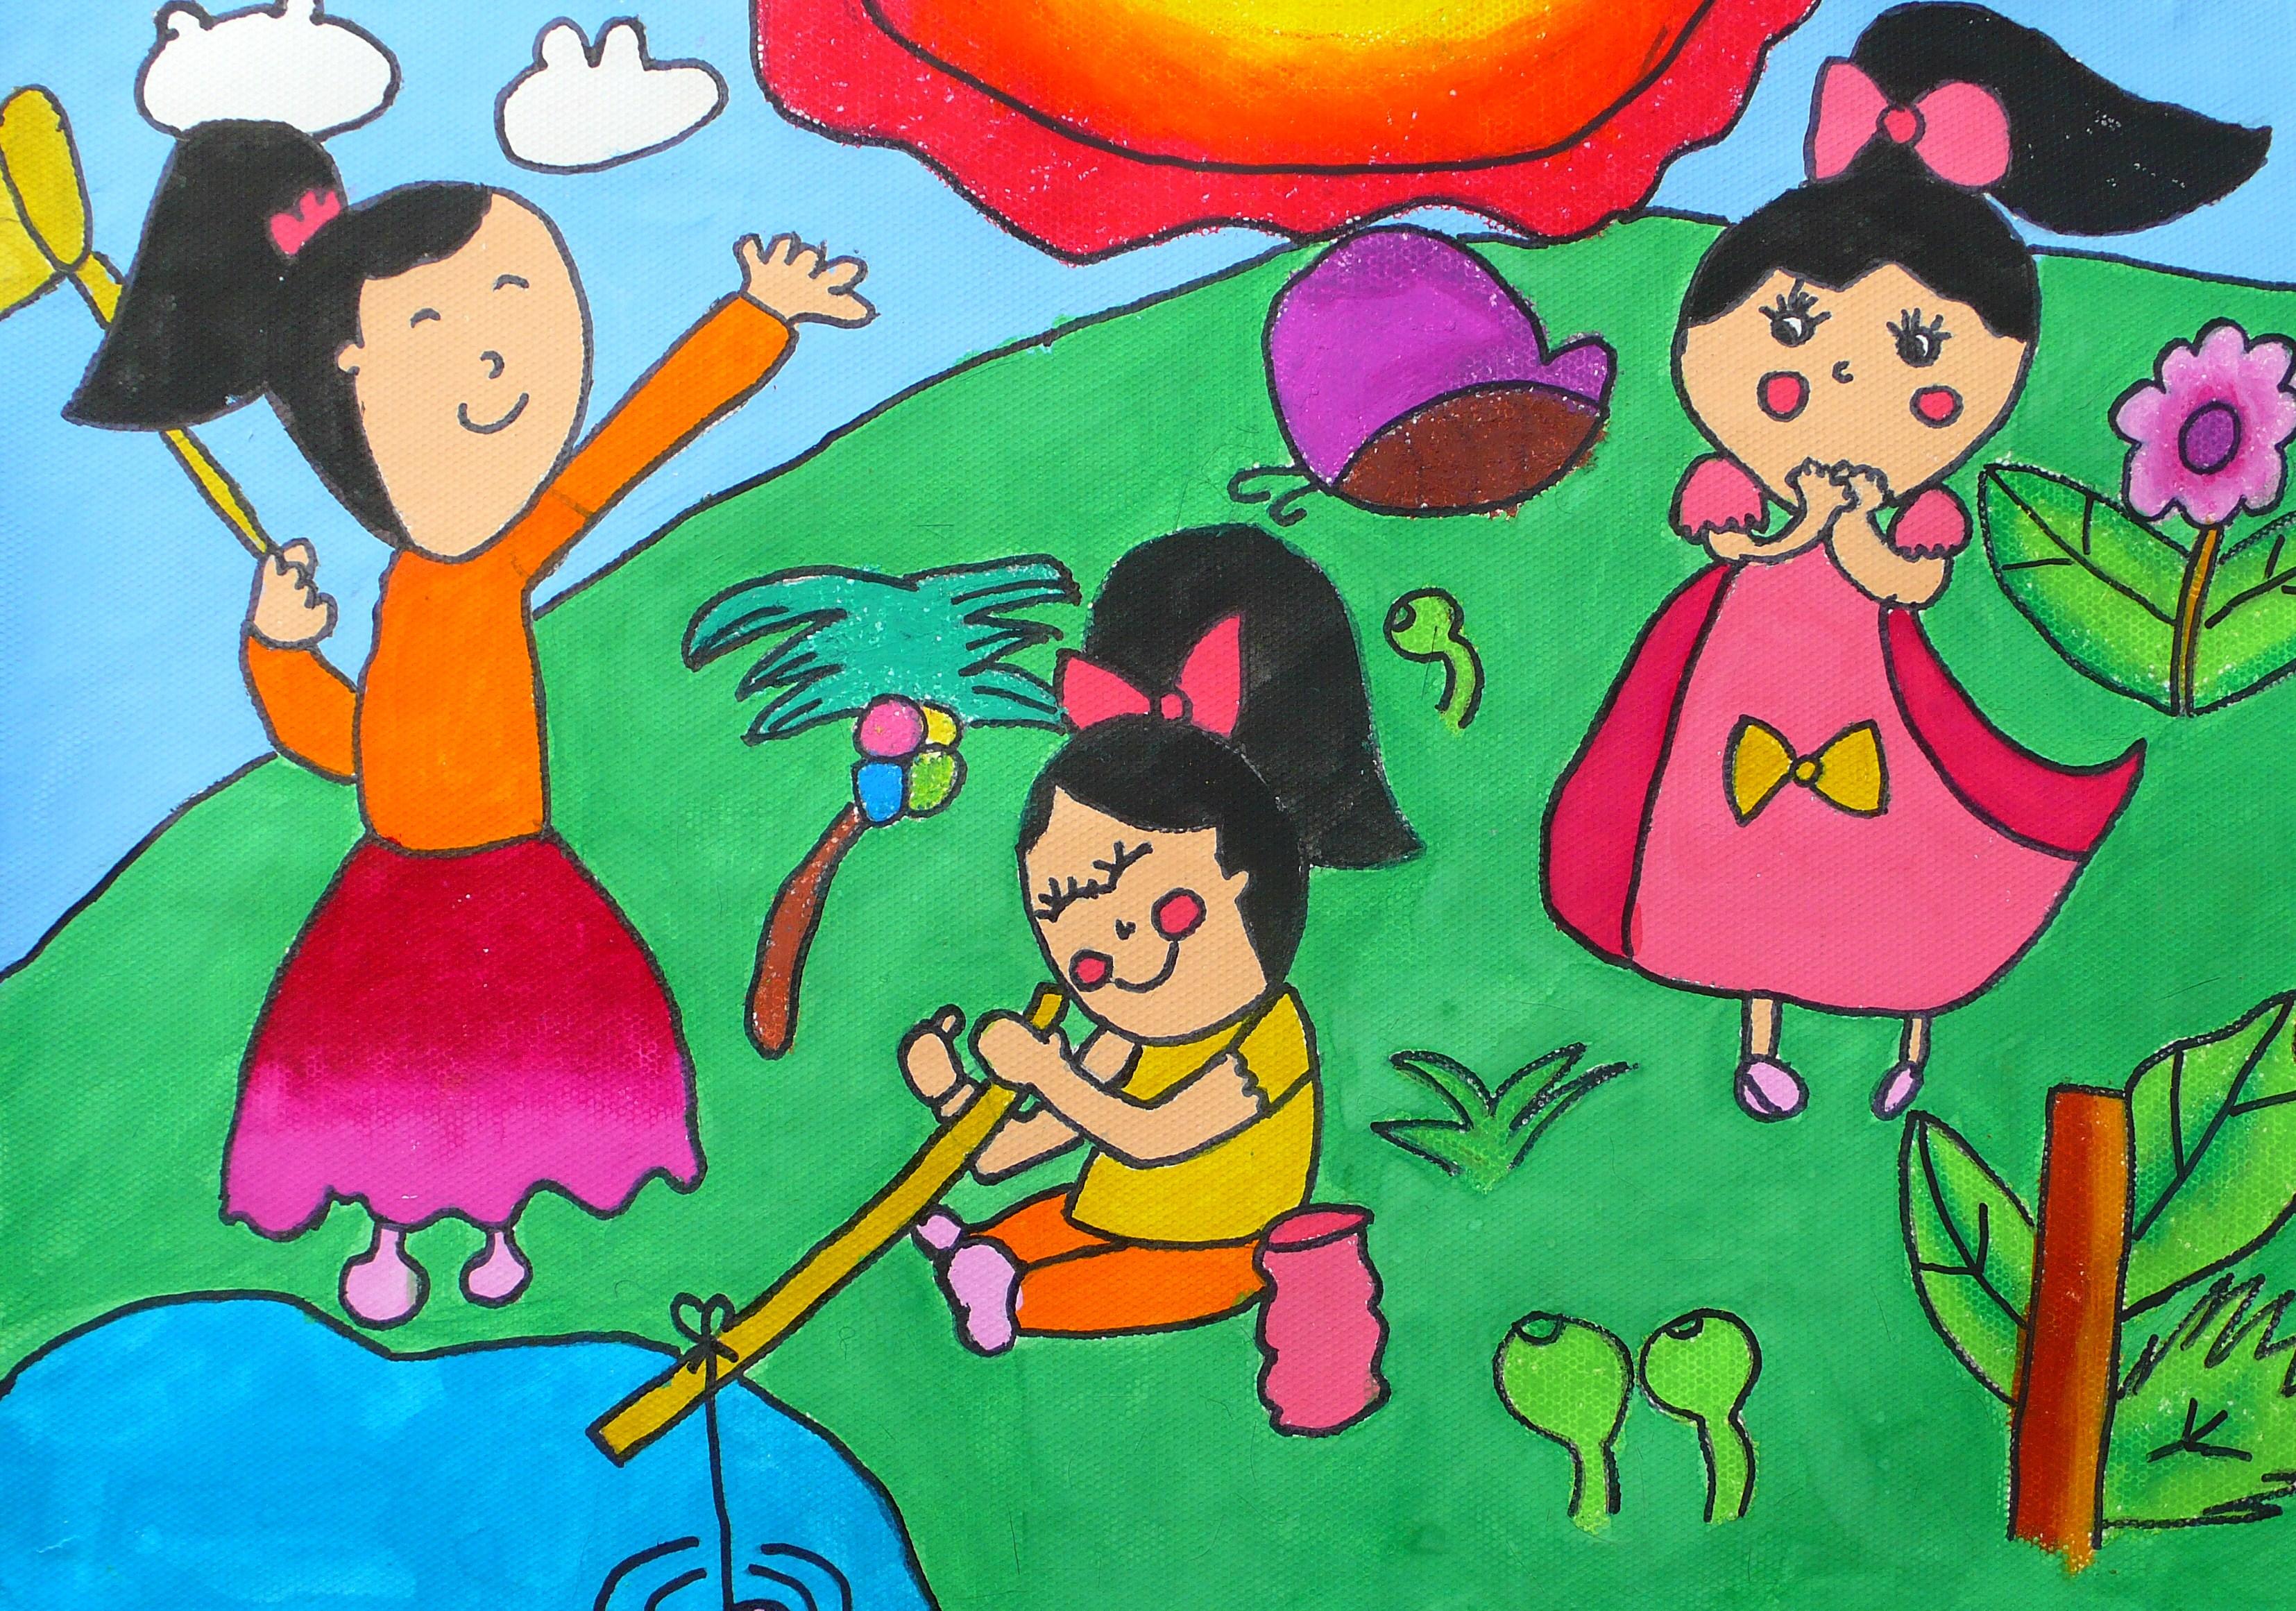 快乐的童年儿童画作品图片大全图片